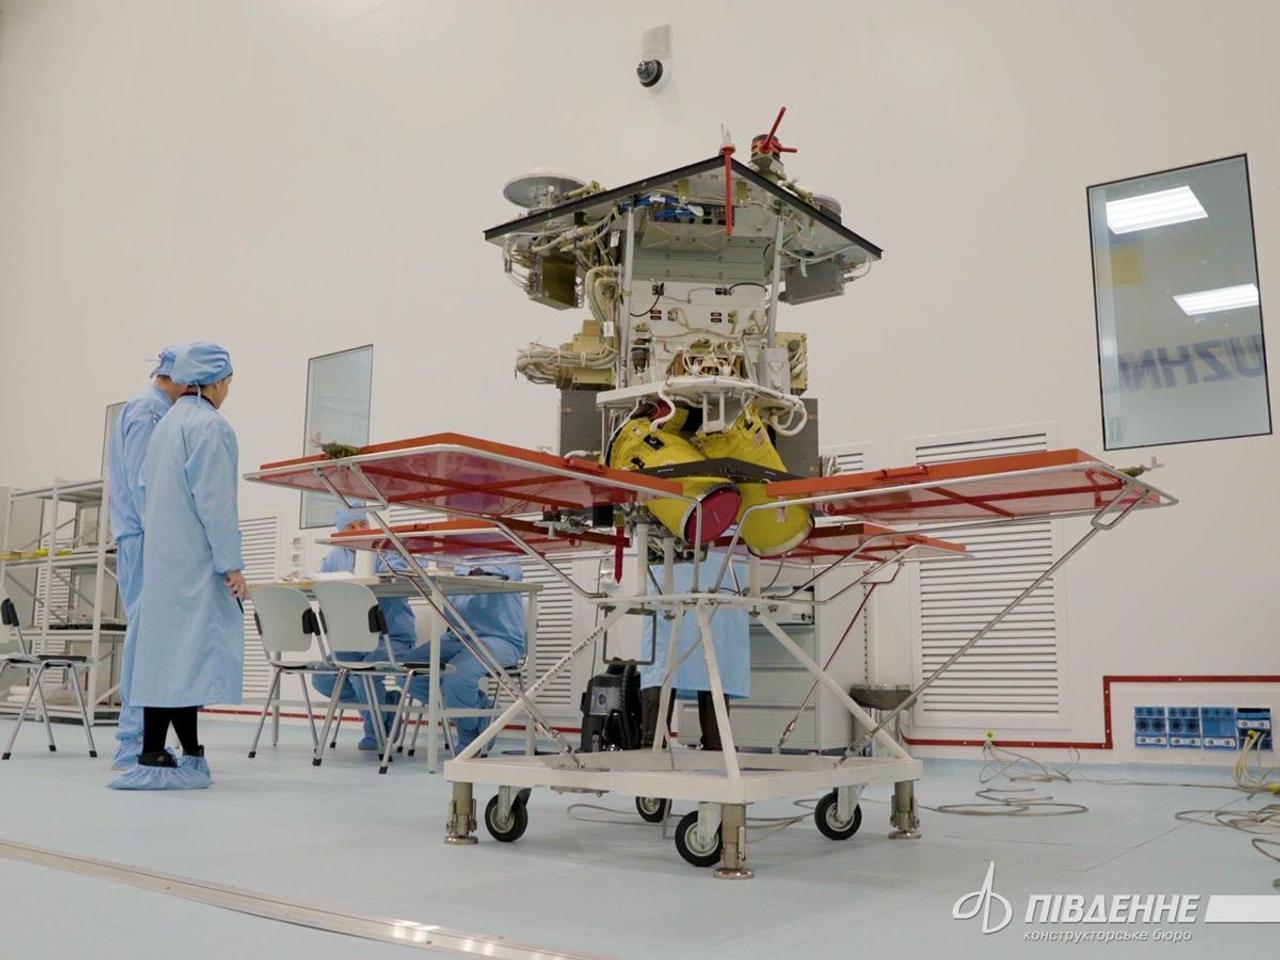 SpaceX запустит в 2021 году украинский спутник Сич 2-30 созданный в КБ «Южное»